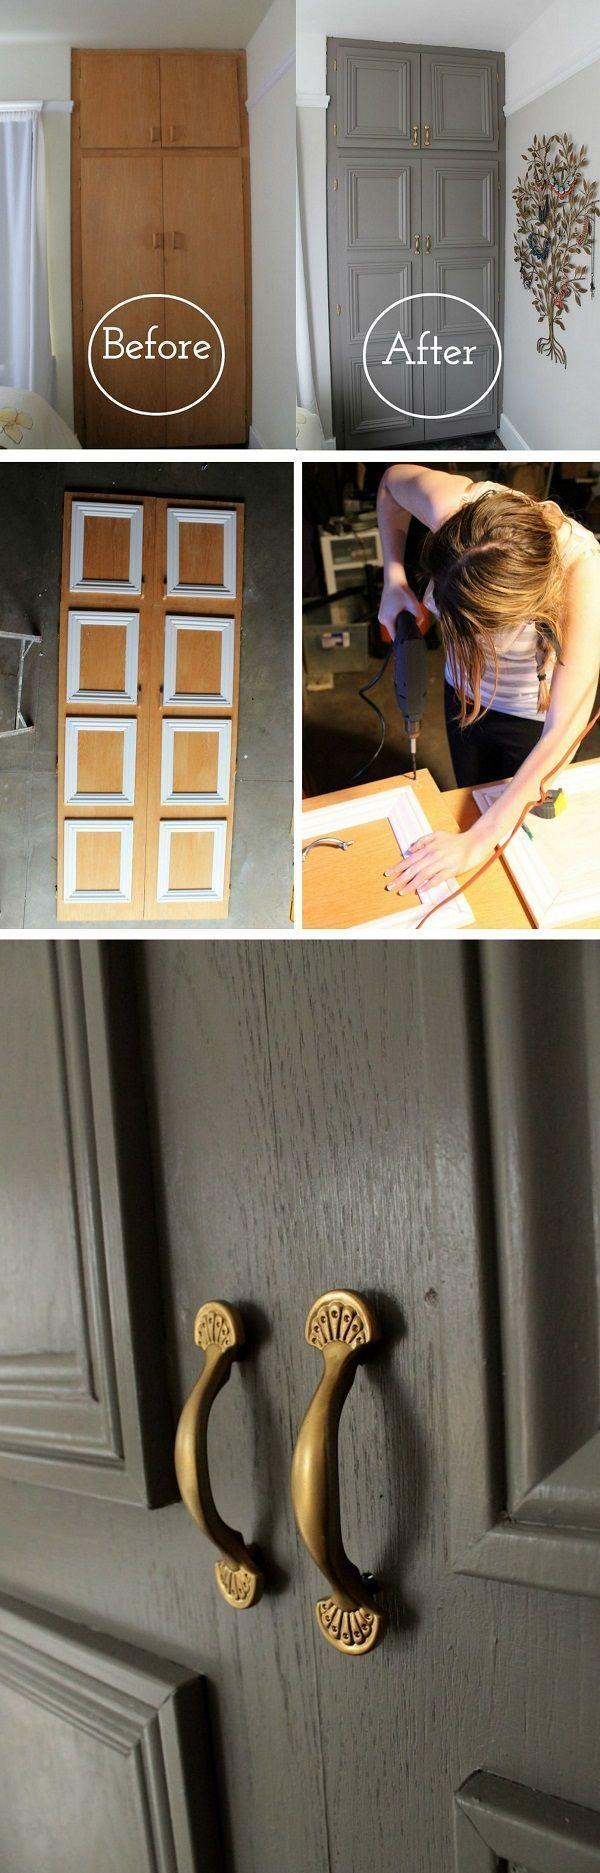 16 einfache DIY-Türprojekte für erstaunliche Wohnkultur auf einem Etat – wie m… – LastStepPin